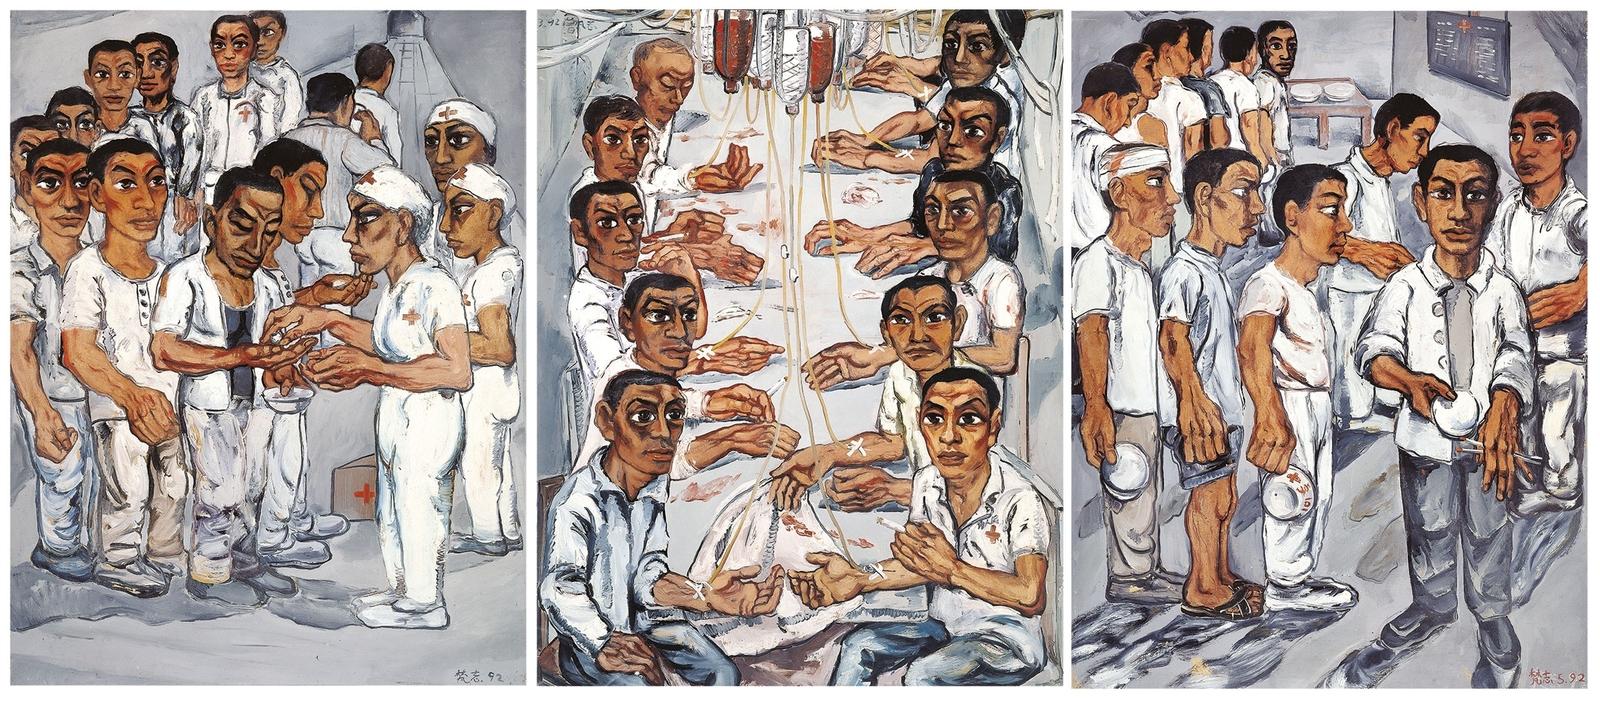 1992_Триптих Госпиталь (Hospital Triptych No.3)_150 x 115 каждый_х.,м._Частное собрание.jpg